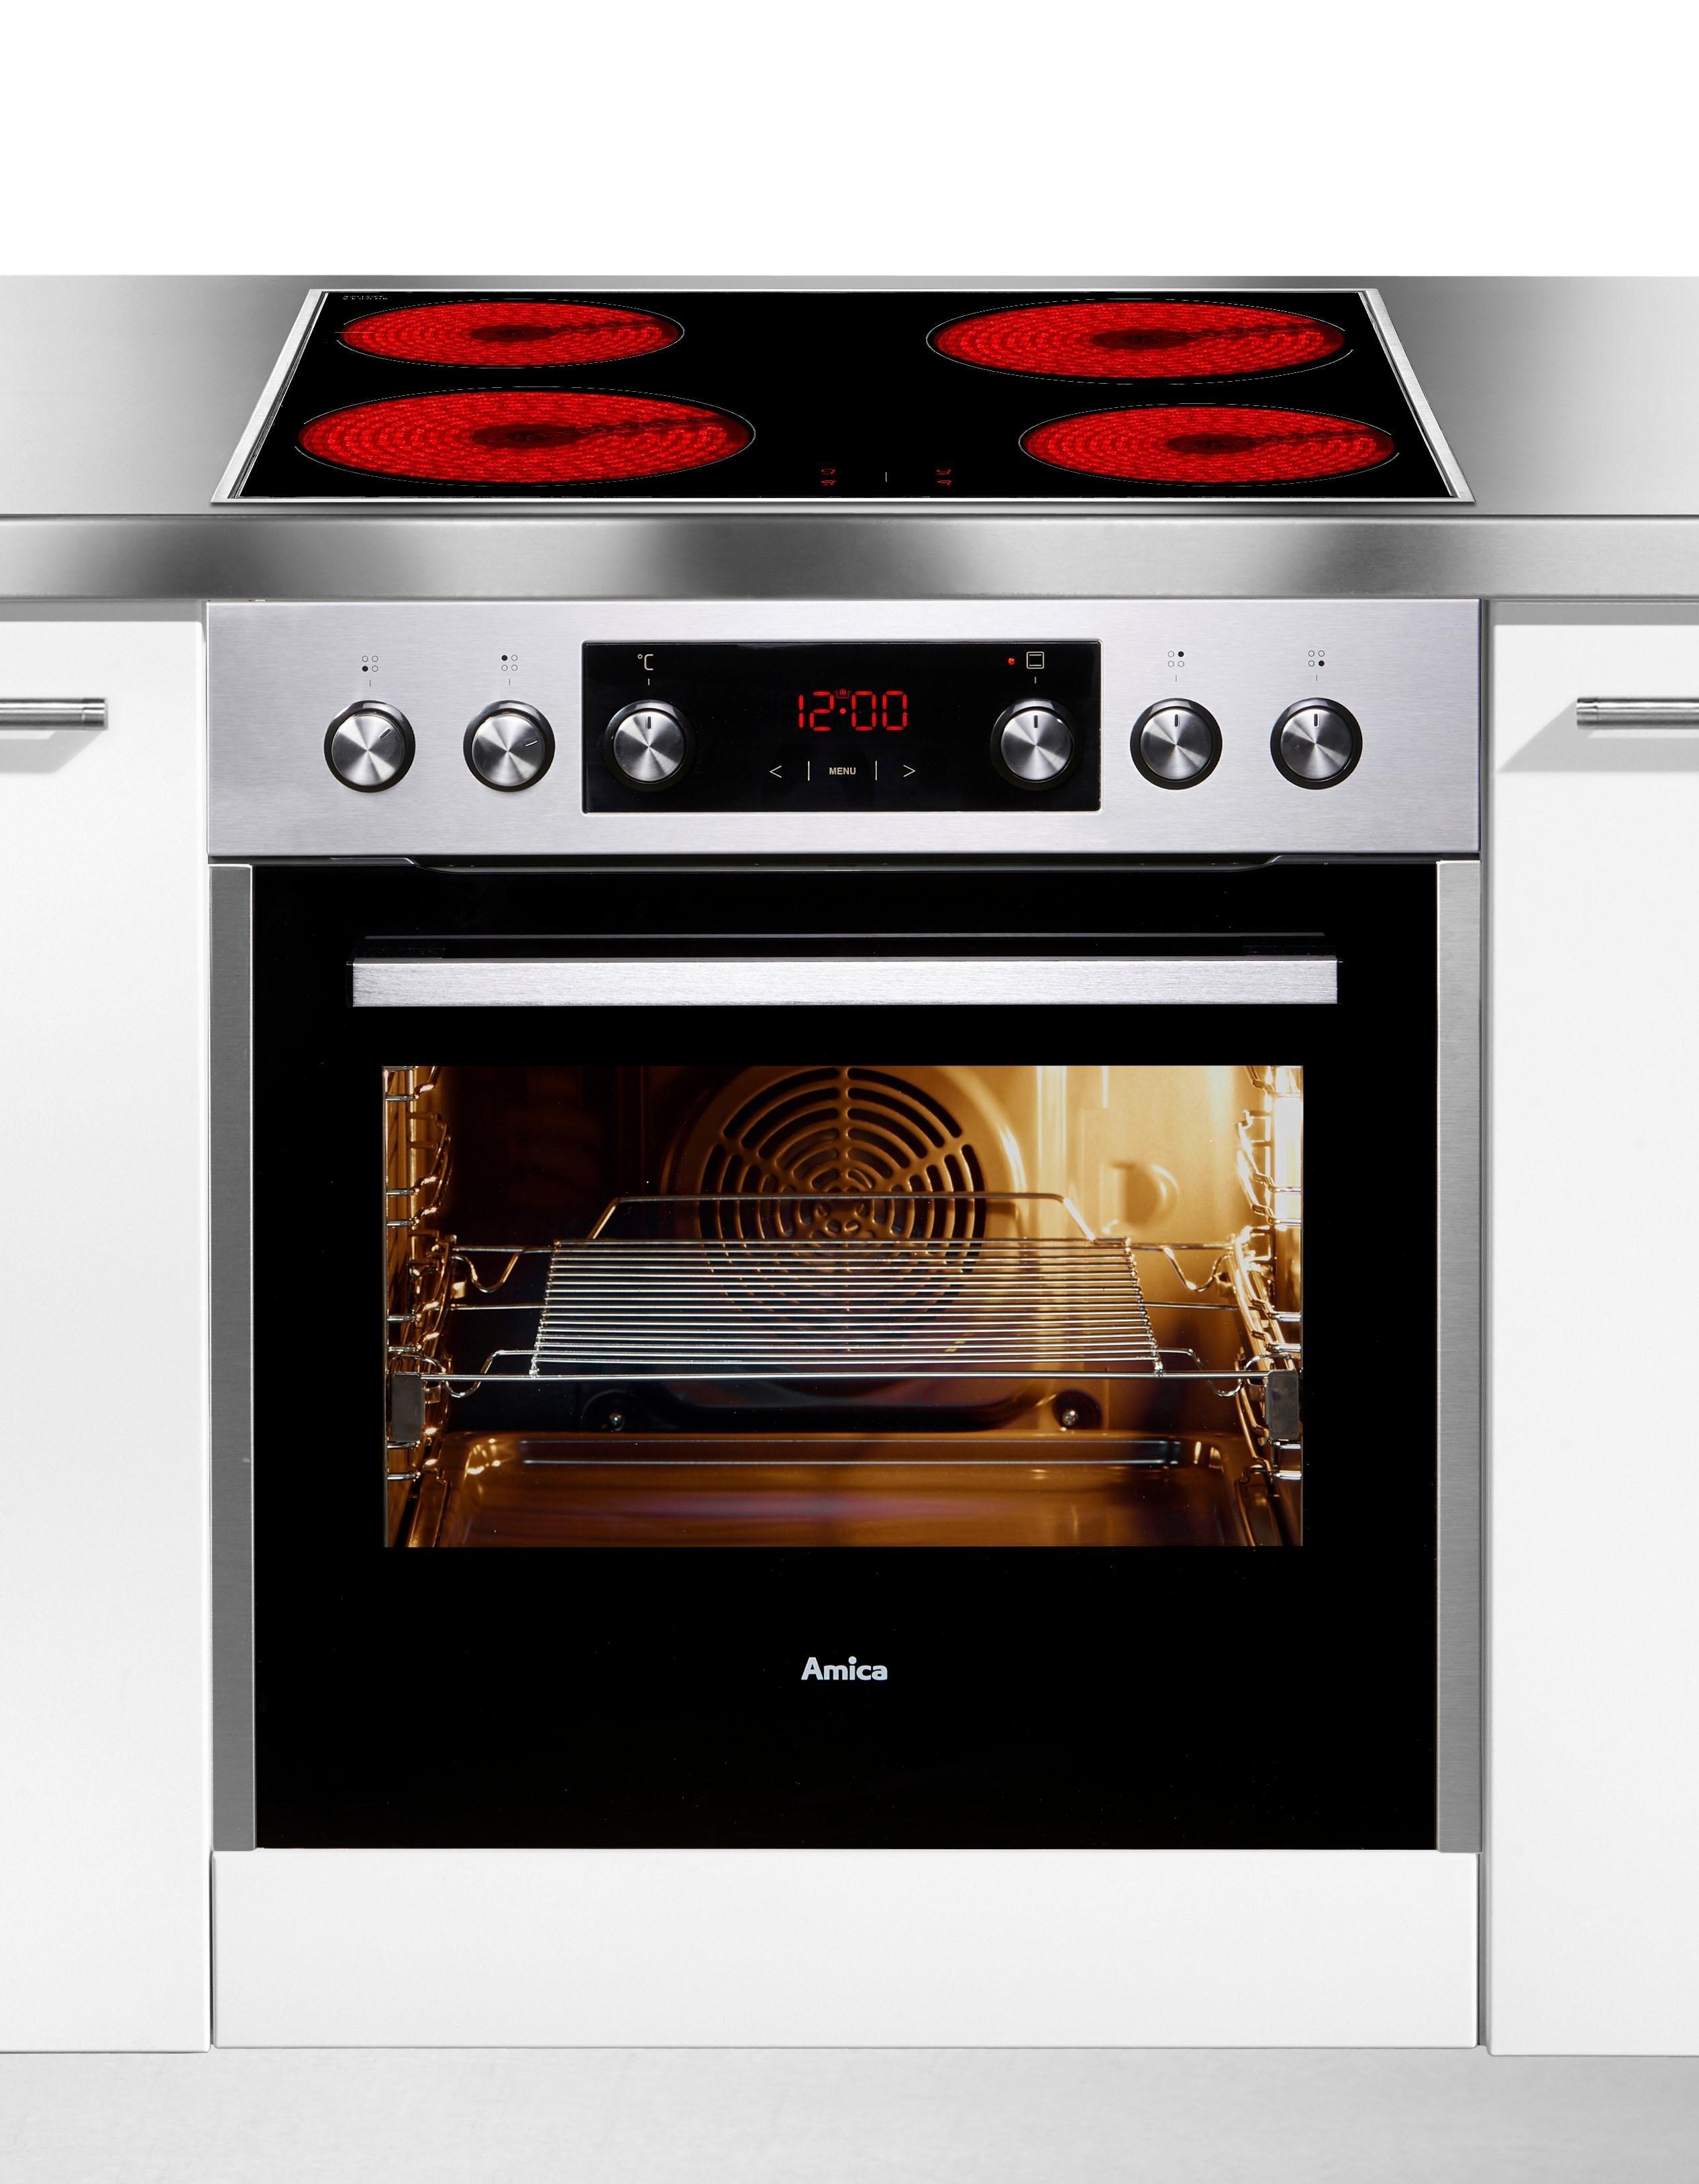 Amica fornuisset met inductie-kookplaat 'EHI 935 100 E' online kopen op otto.nl